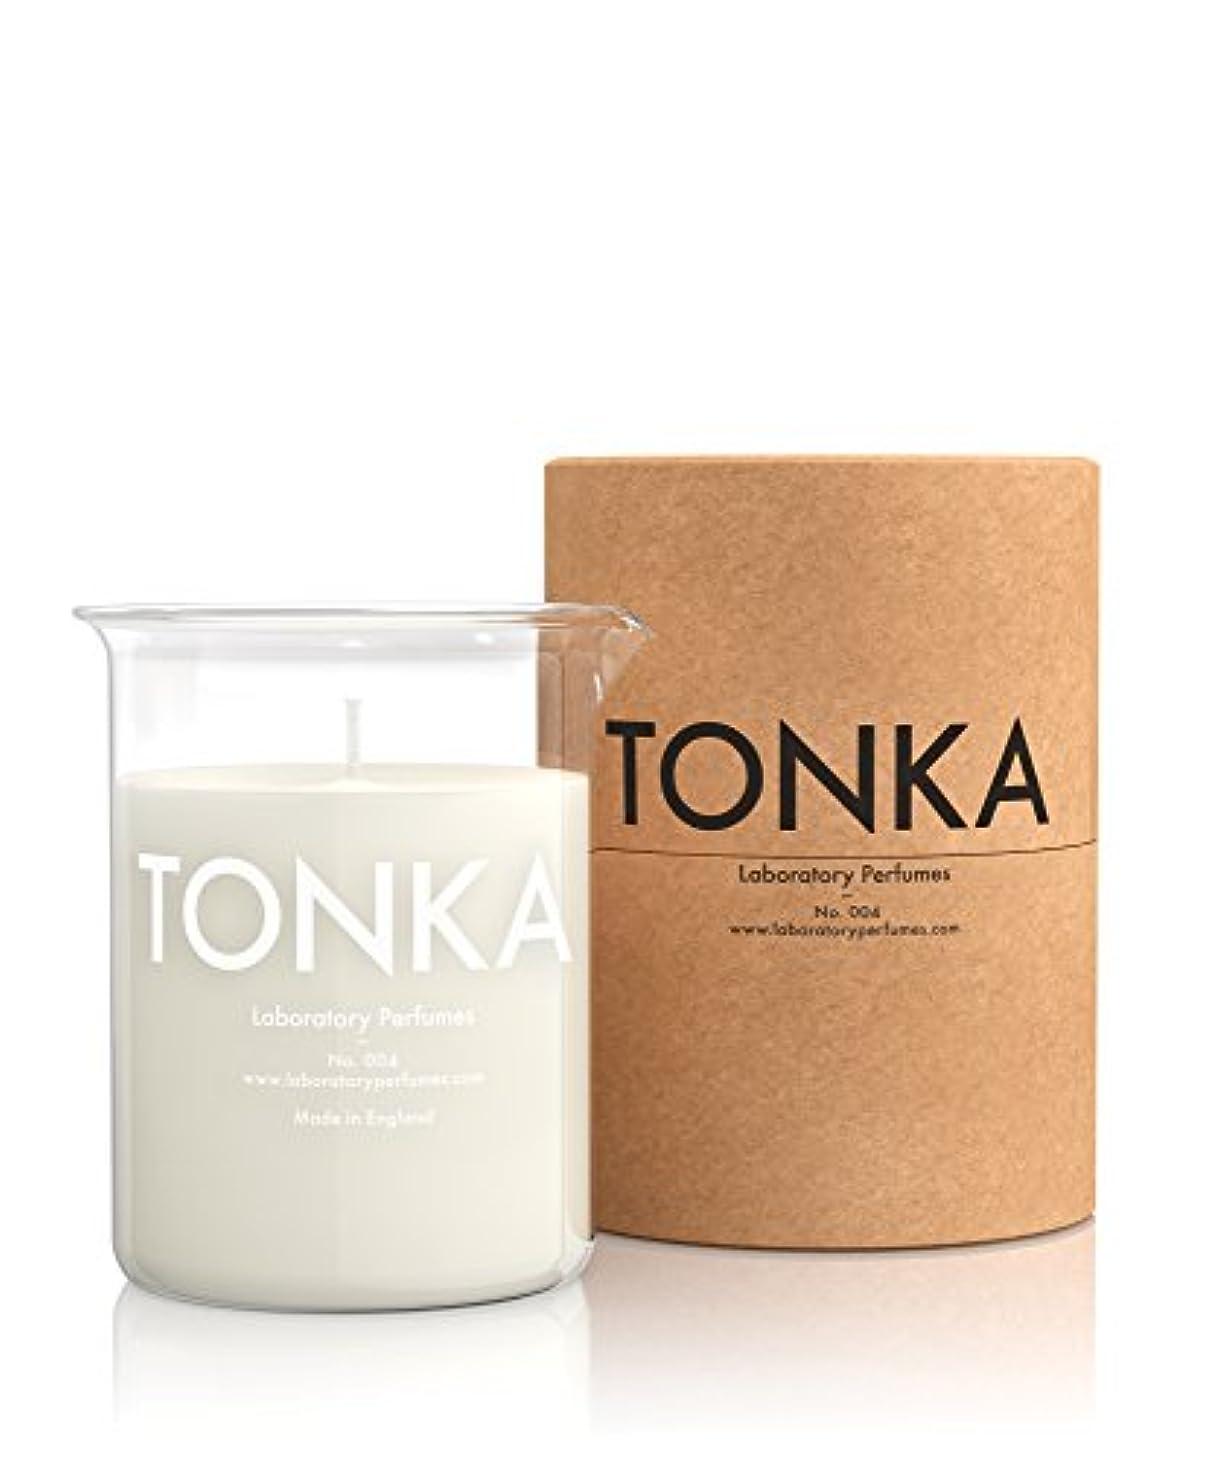 モバイル見えないボリュームLabortory Perfumes キャンドル トンカ Tonka (アロマティックオリエンタル Aromatic Oriental) Candle ラボラトリー パフューム